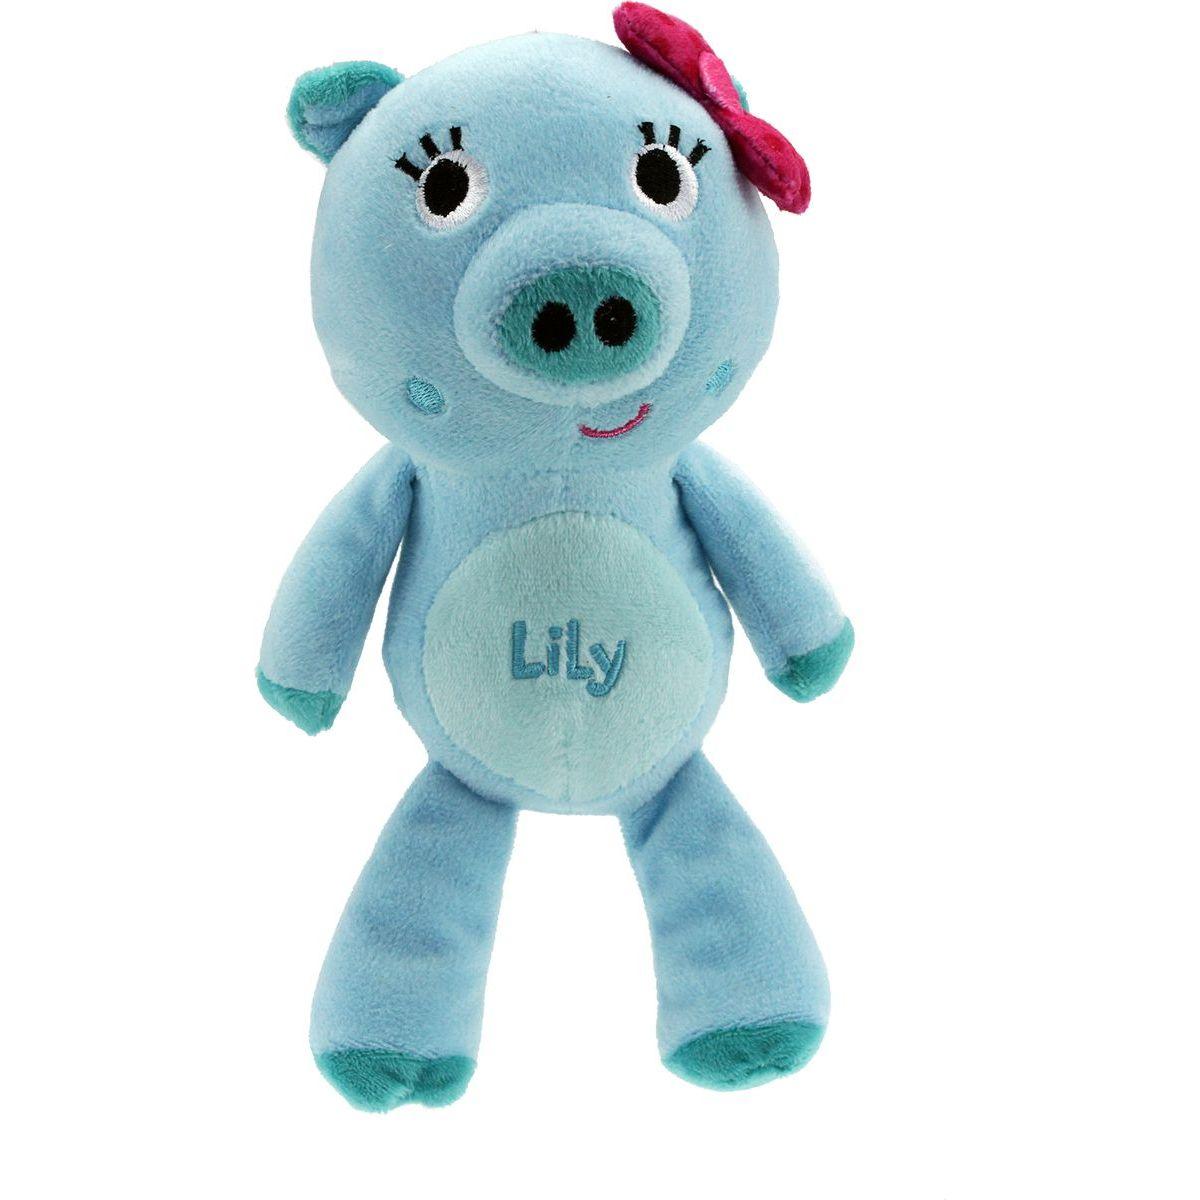 Prasátko Lily plyš 17cm